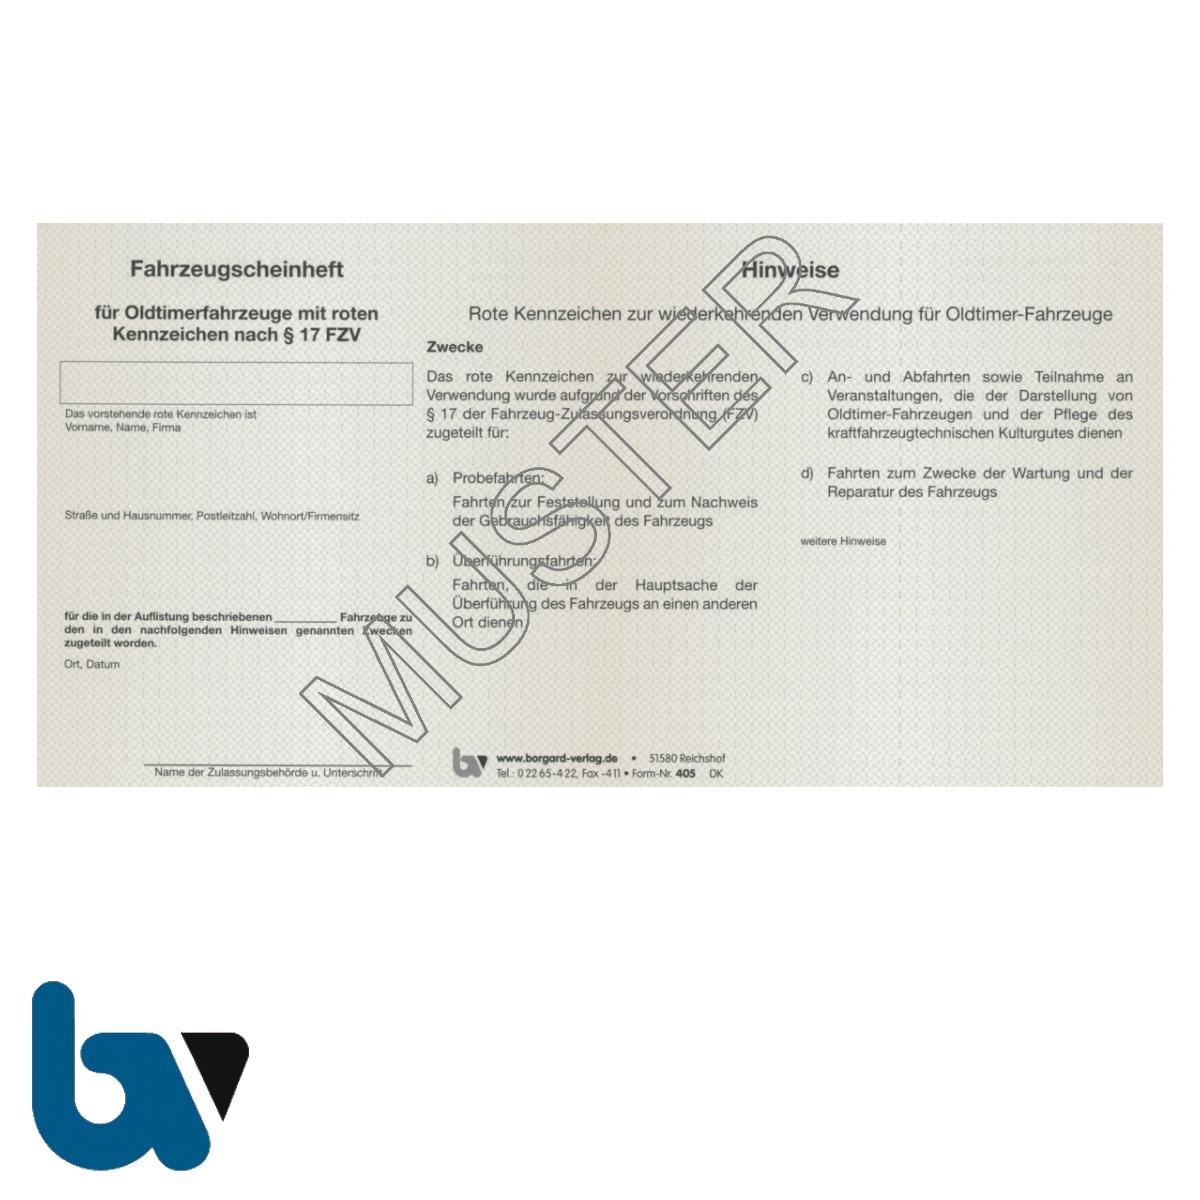 405 Fahrzeugscheinheft Oldtimer rot Kennzeichen §17 Anlage 10a FzV Fahrzeug Zulassungsverordnung Vorderseite | Borgard Verlag GmbH